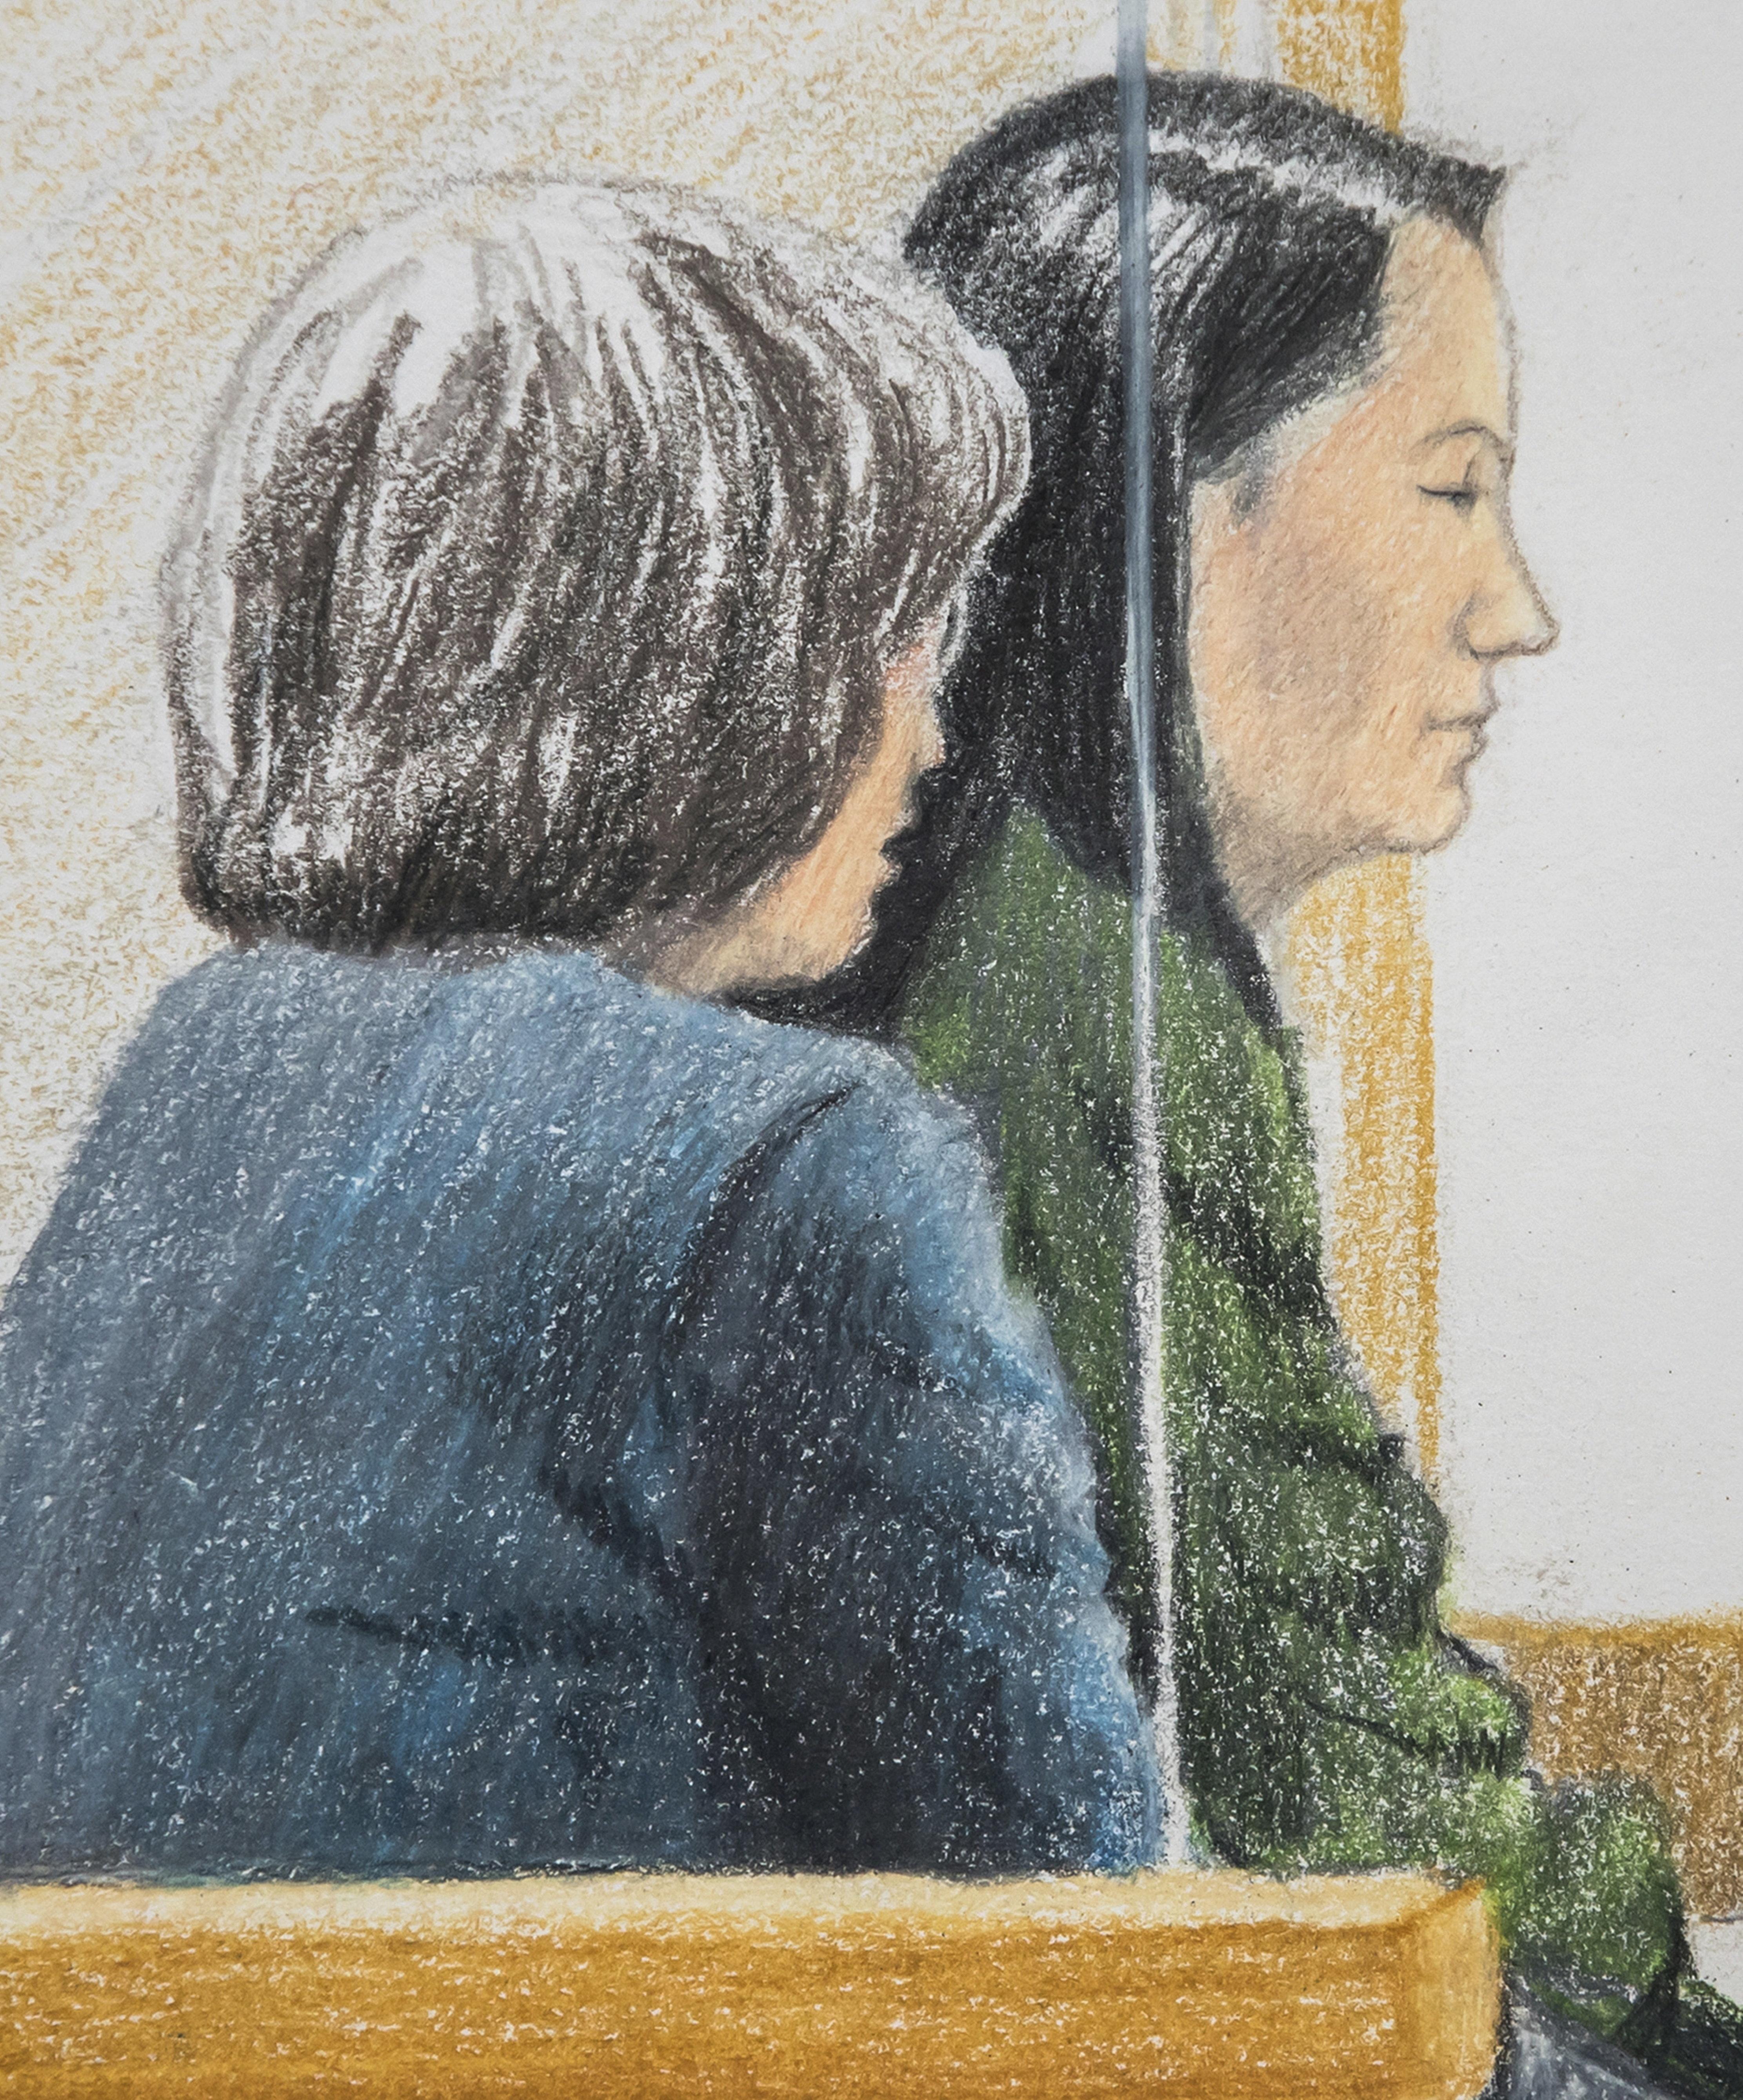 ΗΠΑ: Για απάτη με σκοπό είσοδο στην ιρανική αγορά κατηγορείται η Μενγκ Ουανγκτζού της